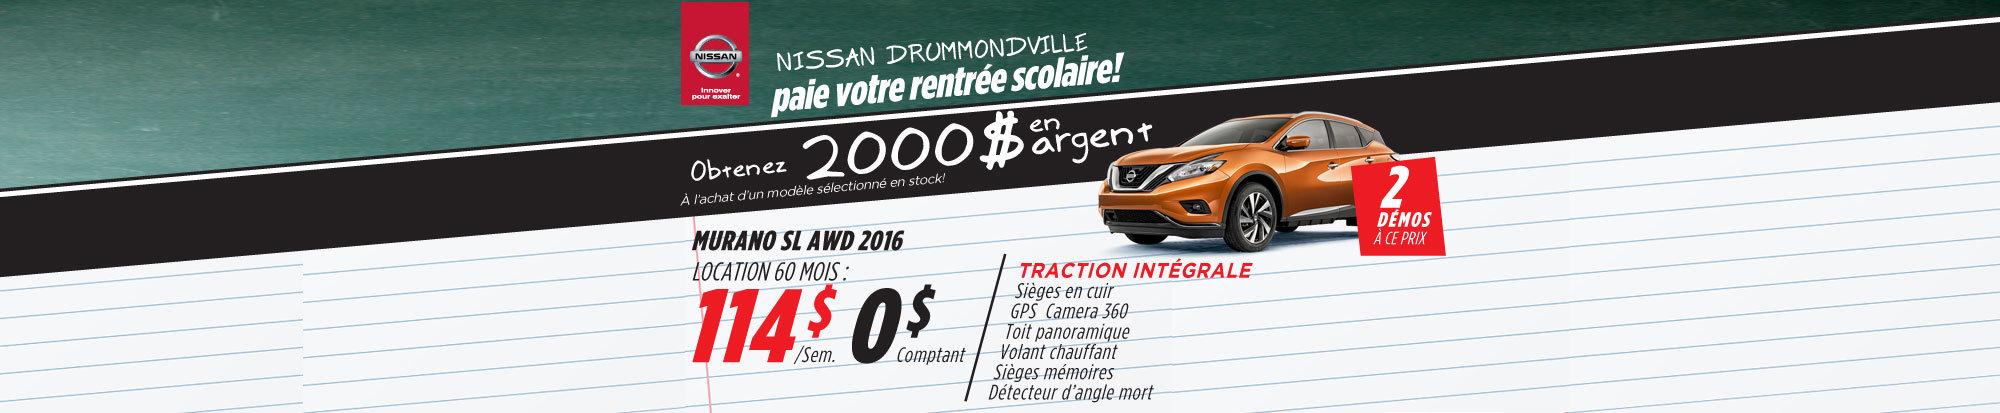 La liquidation top chrono de Nissan: Murano 2016 Drummondville